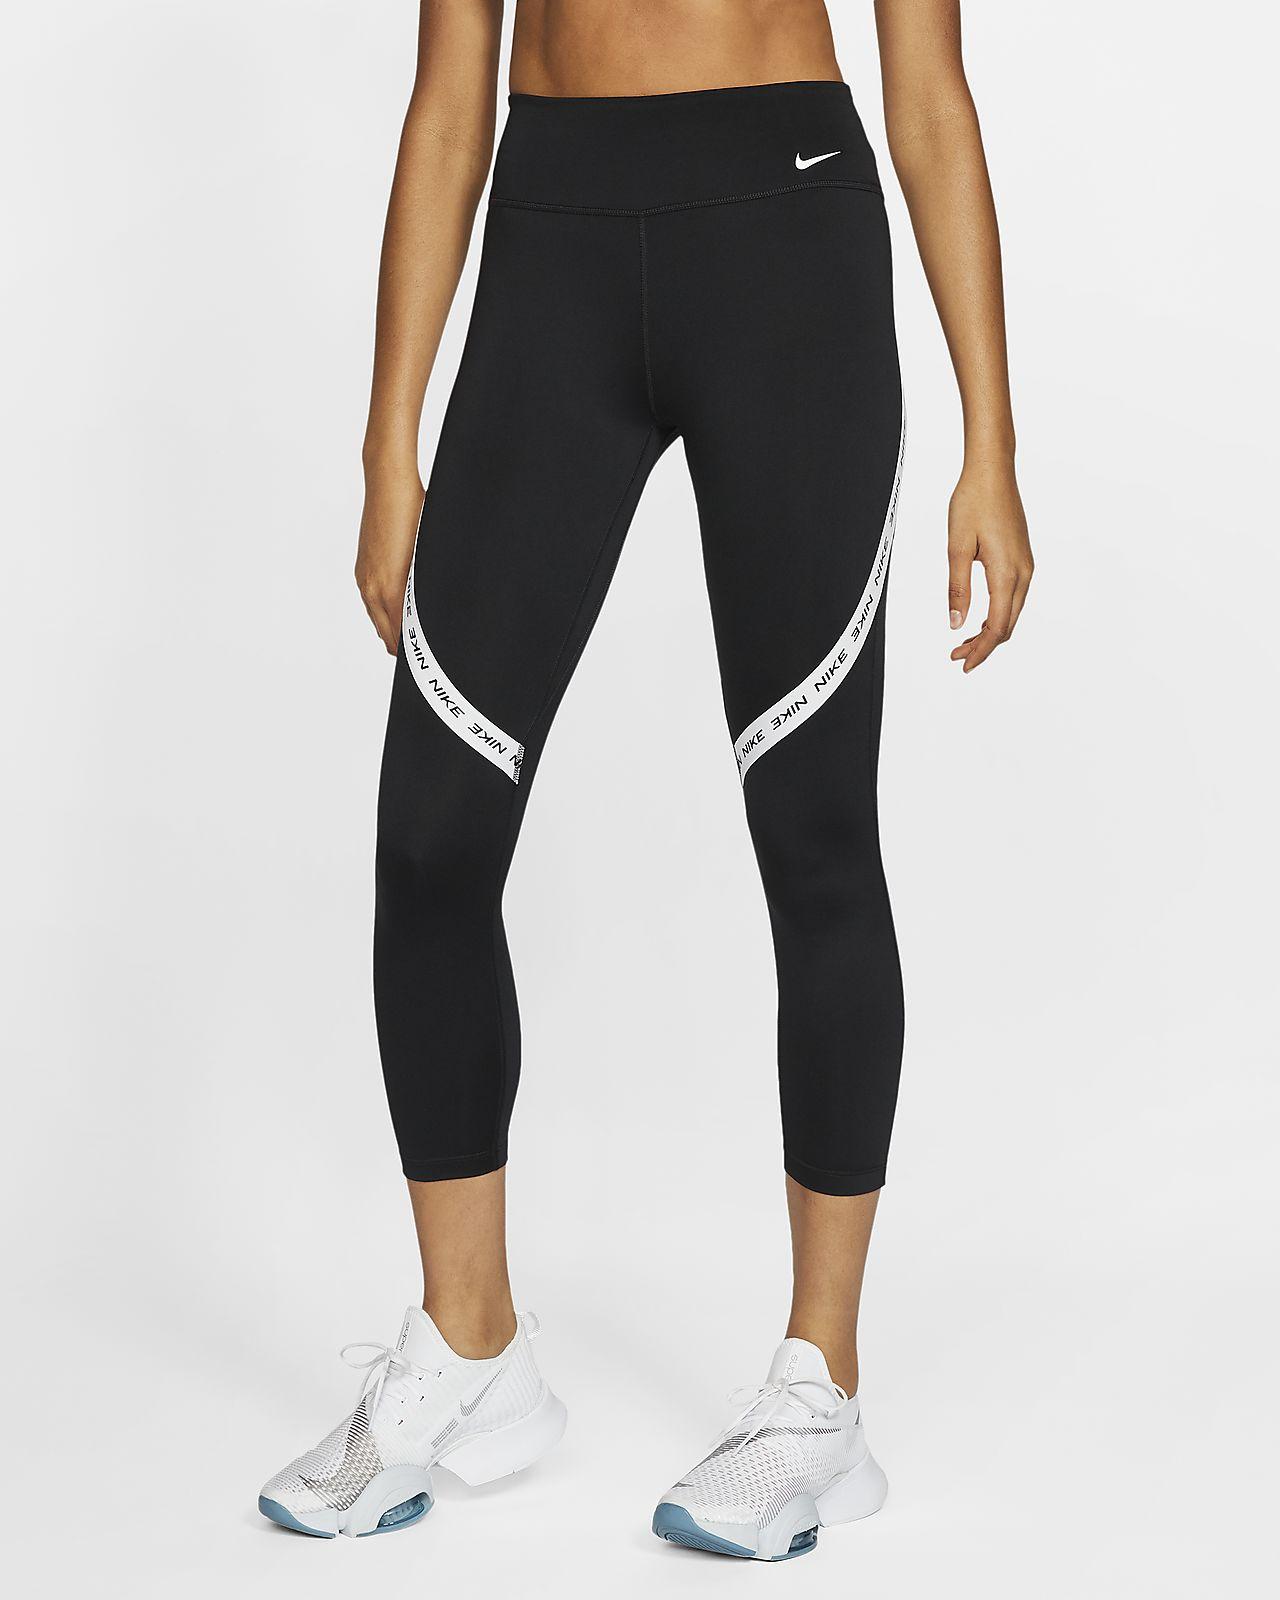 Leggings a lunghezza ridotta a vita media Nike One - Donna